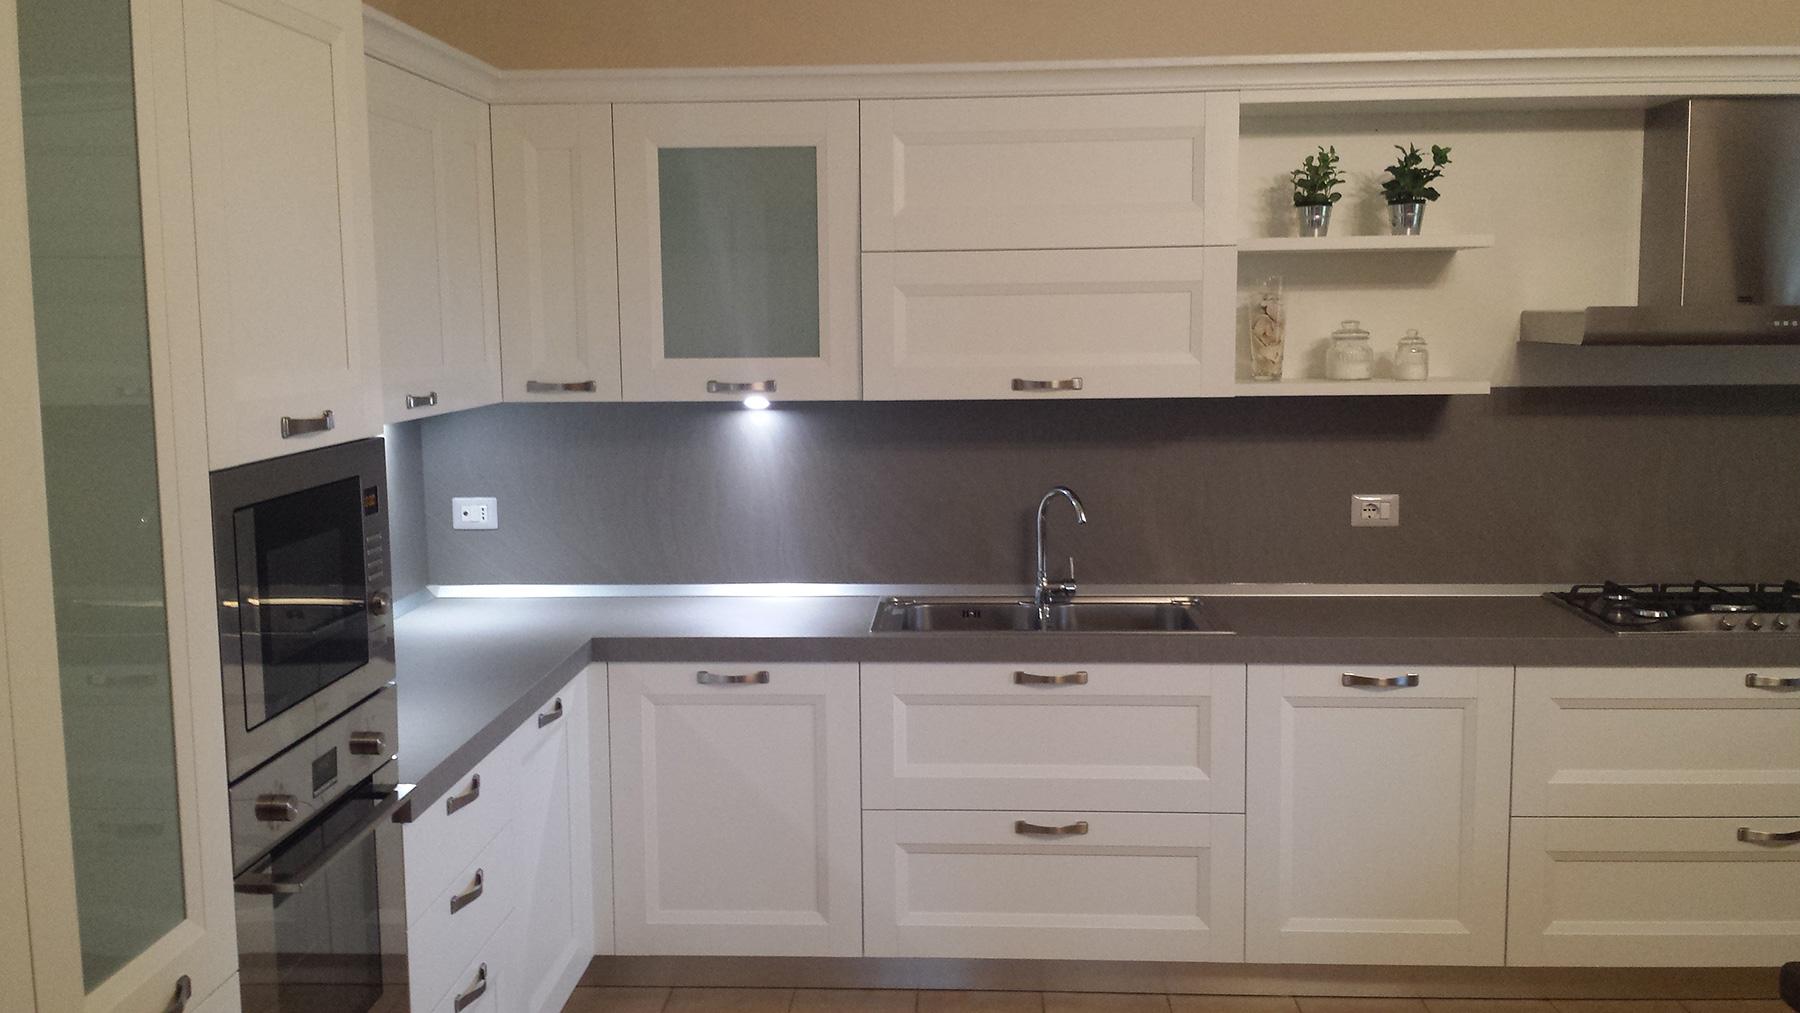 Abitazione privata a Pederiva di Montebelluna Cucina bianca frassinata con set elettrodomestici Franke